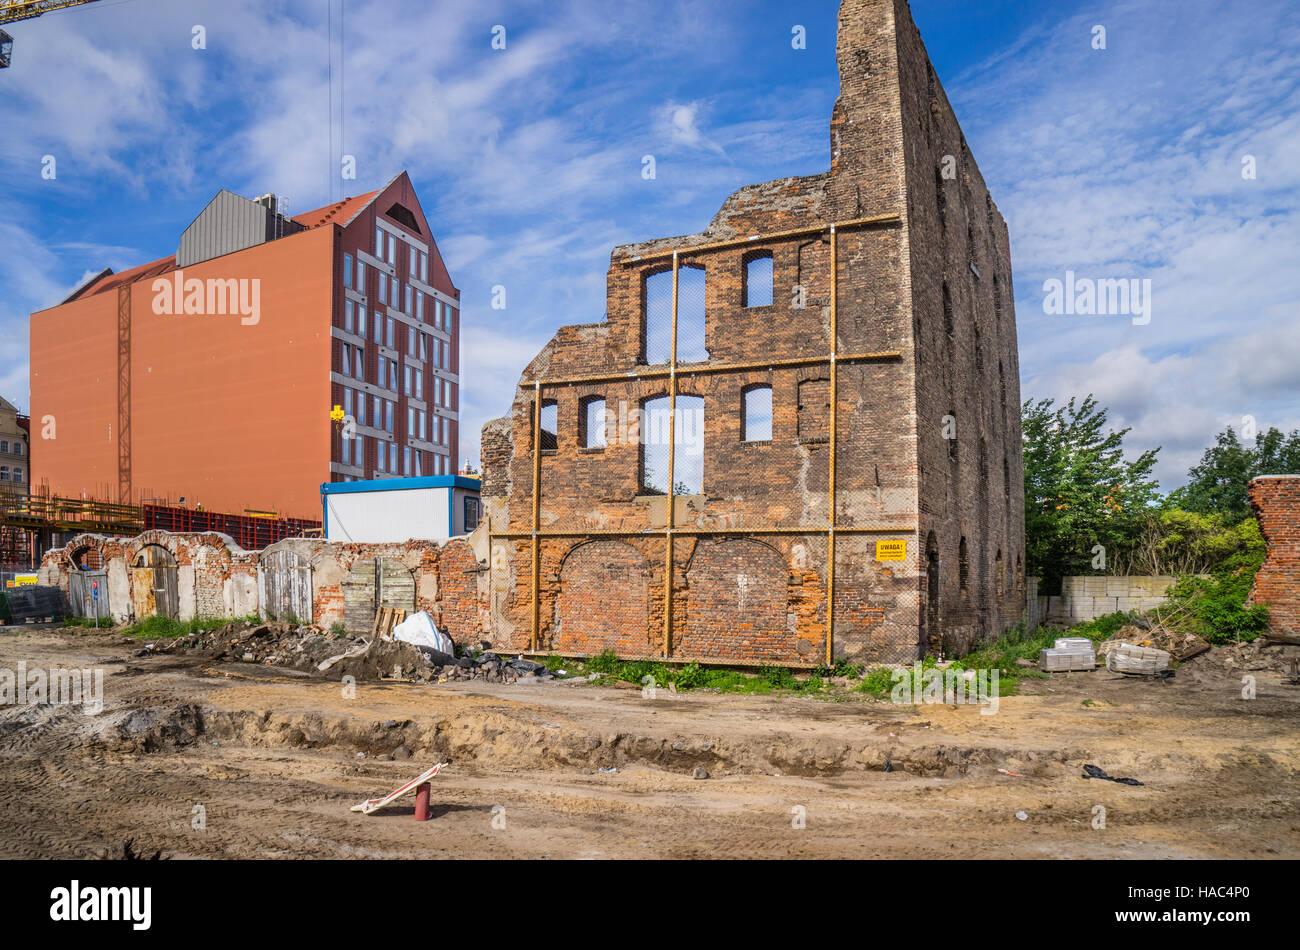 Poland, Pomerania, Gdansk (Danzig), WWII ruins give way for redevelopment on Granary Island (Speicherinsel/Wyspy - Stock Image